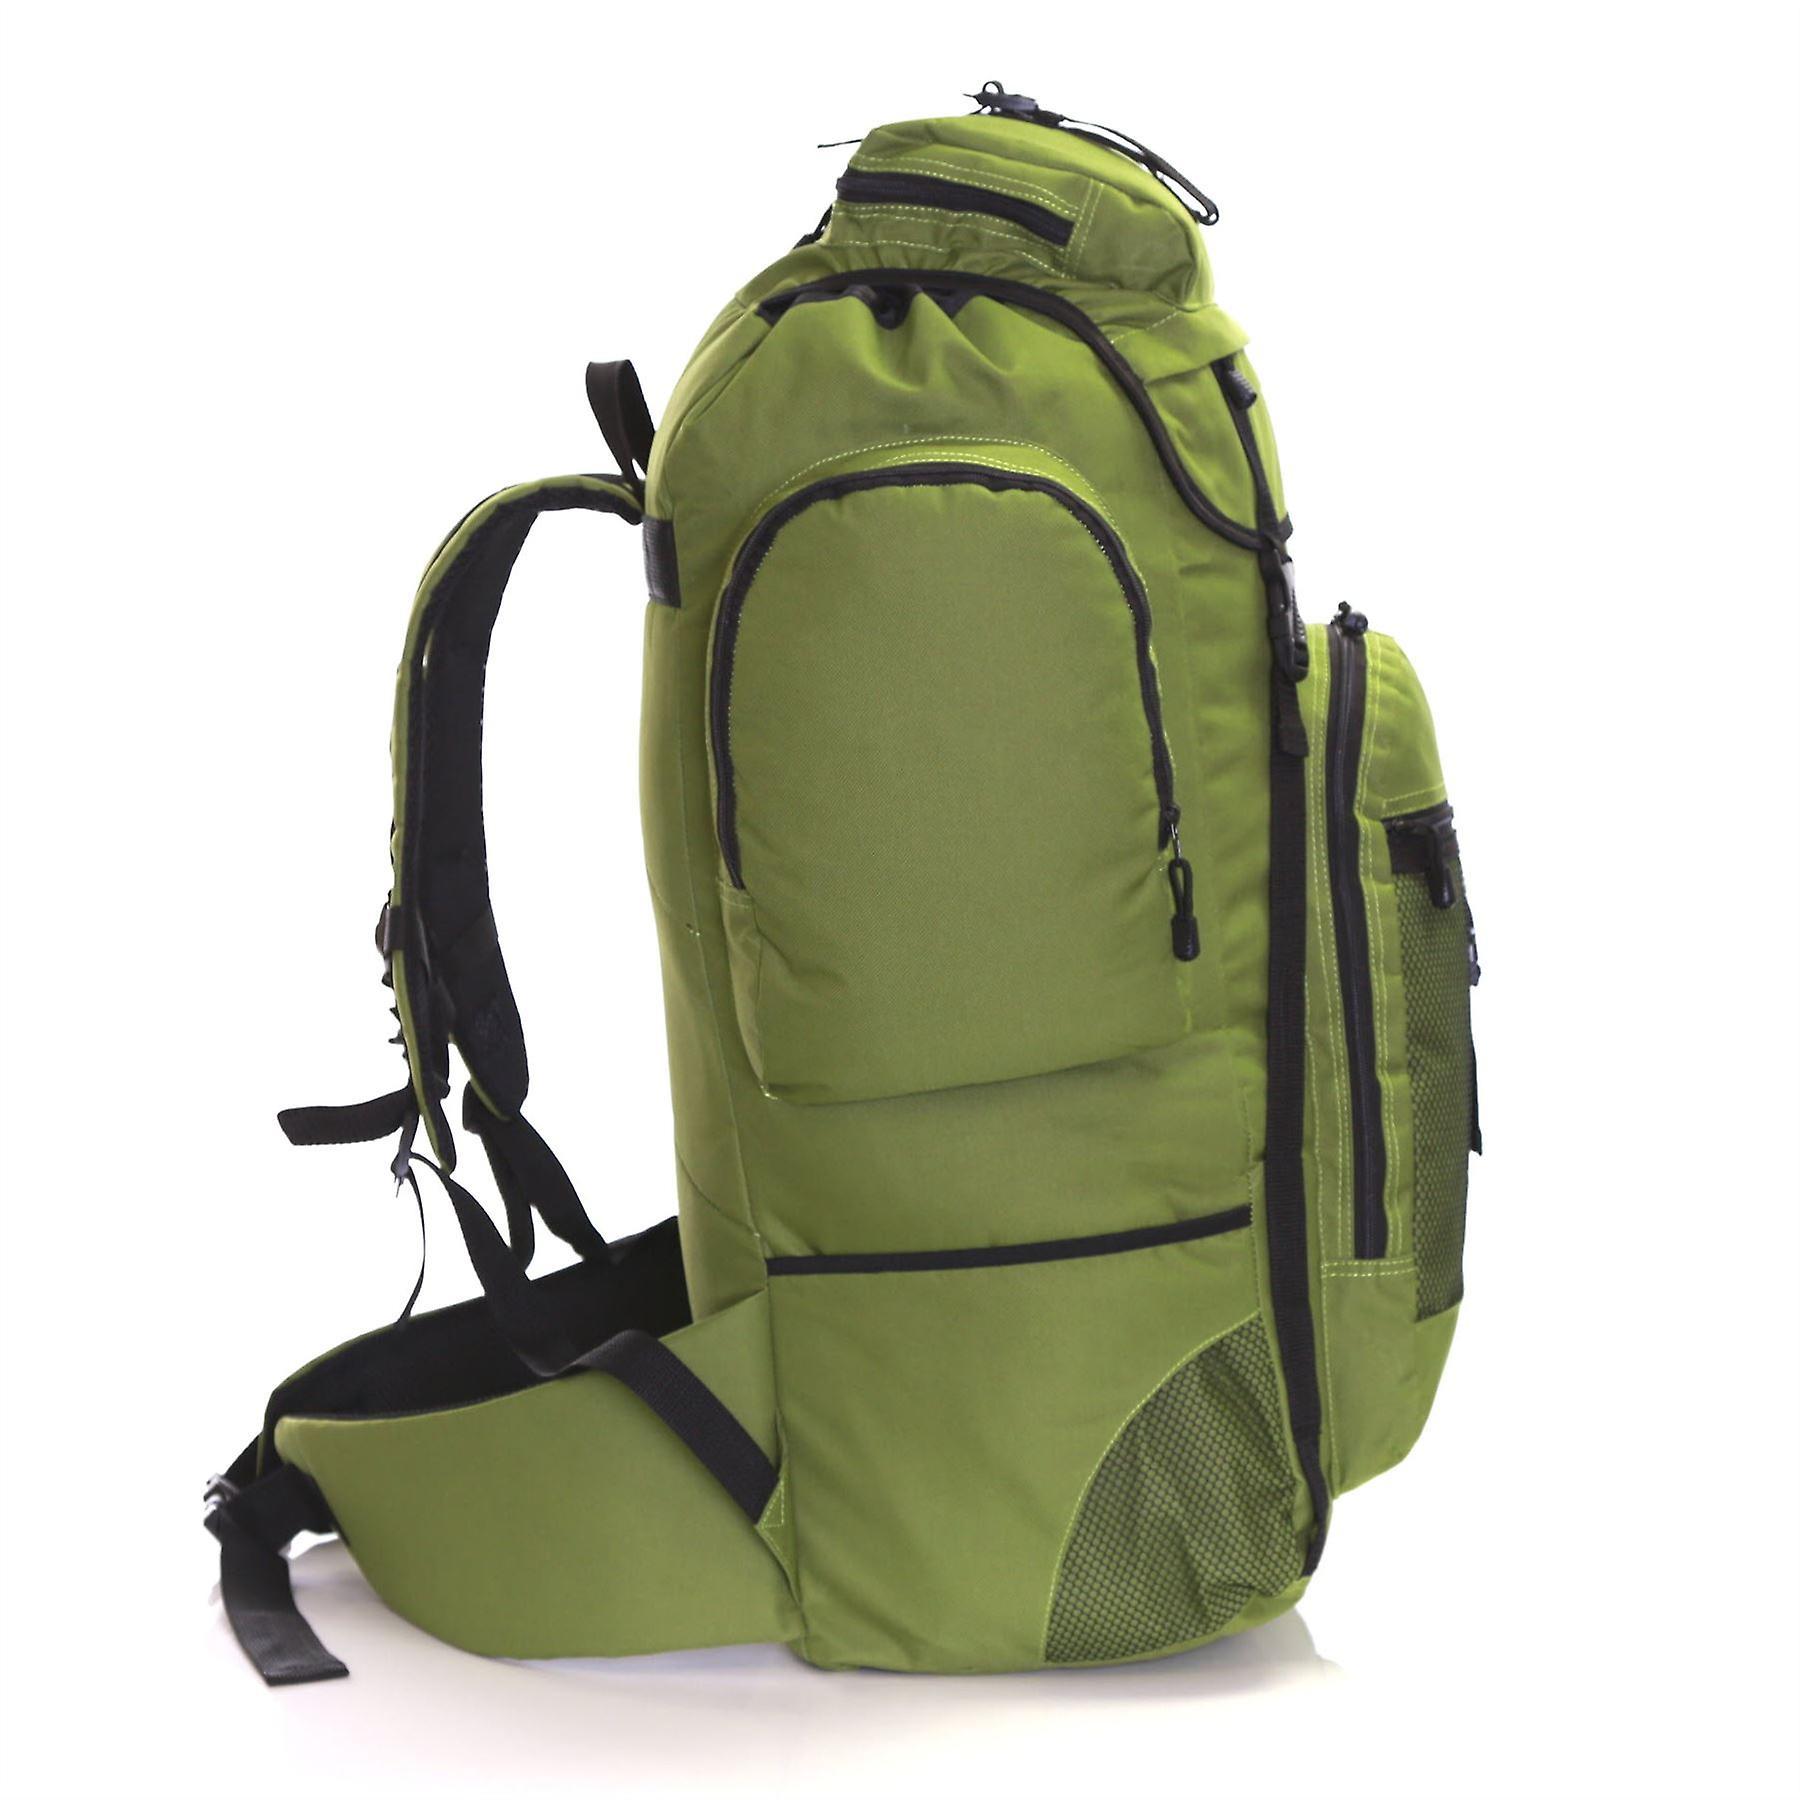 Slimbridge Knott 80 Litre XL Hiking Backpack, Khaki